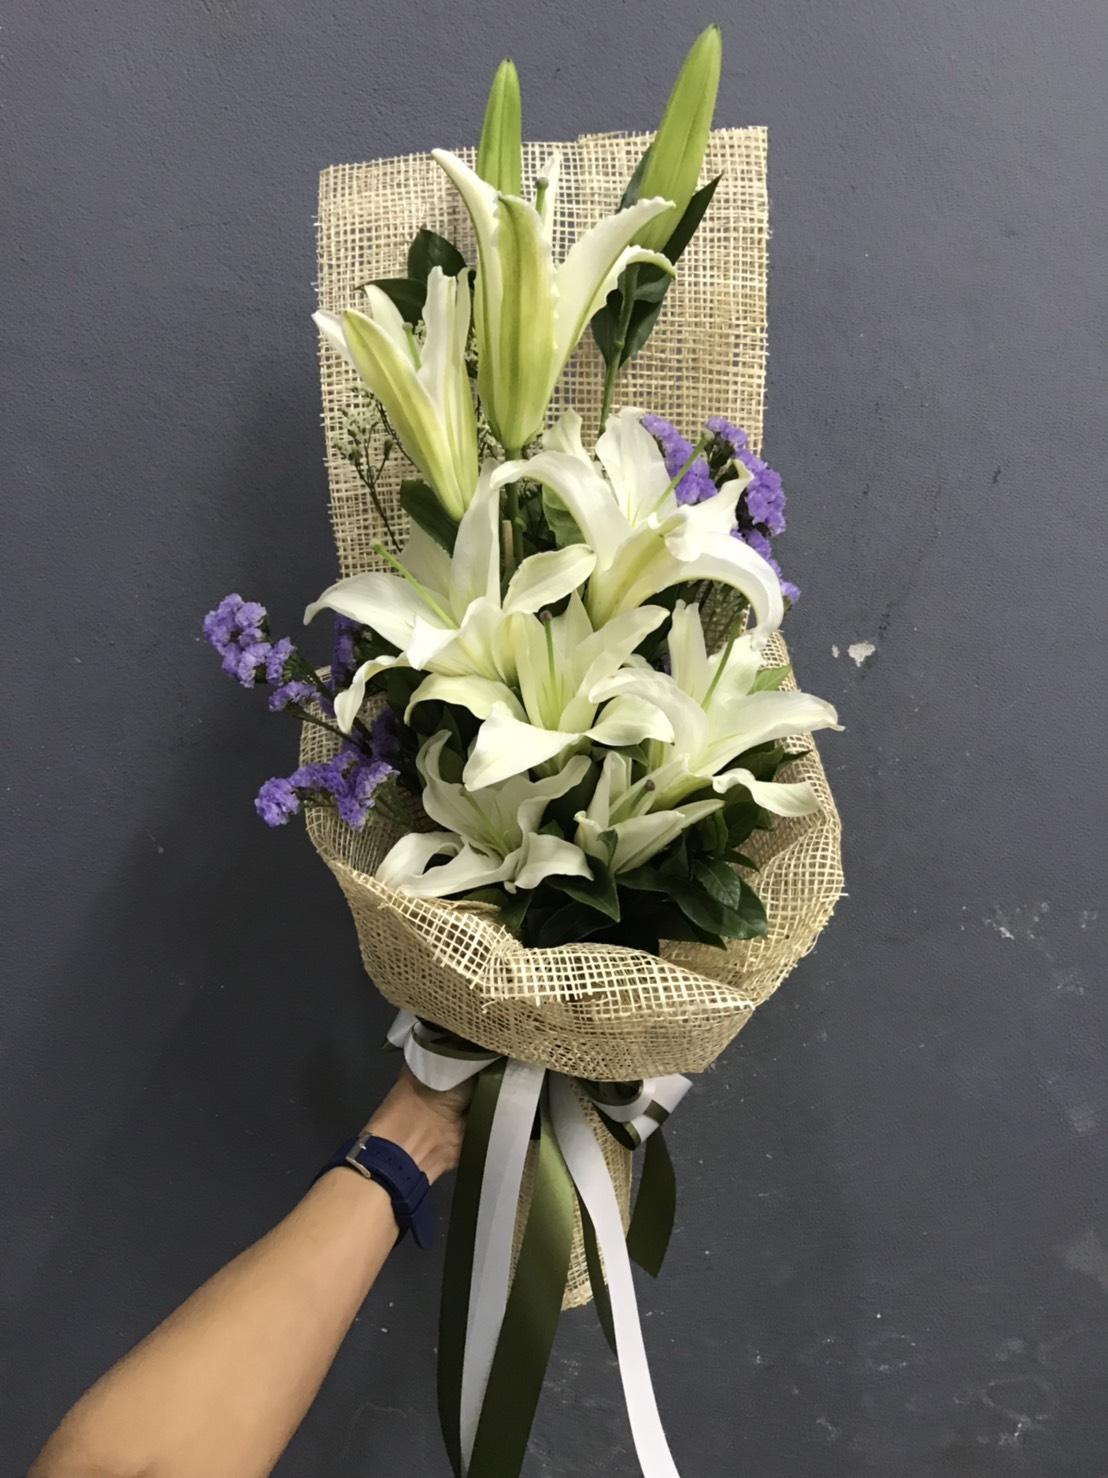 ช่อดอกไม้ห่อด้วยผ้ากระสอบ สวยหวาน ละมุนตา ประทับใจแน่นอน